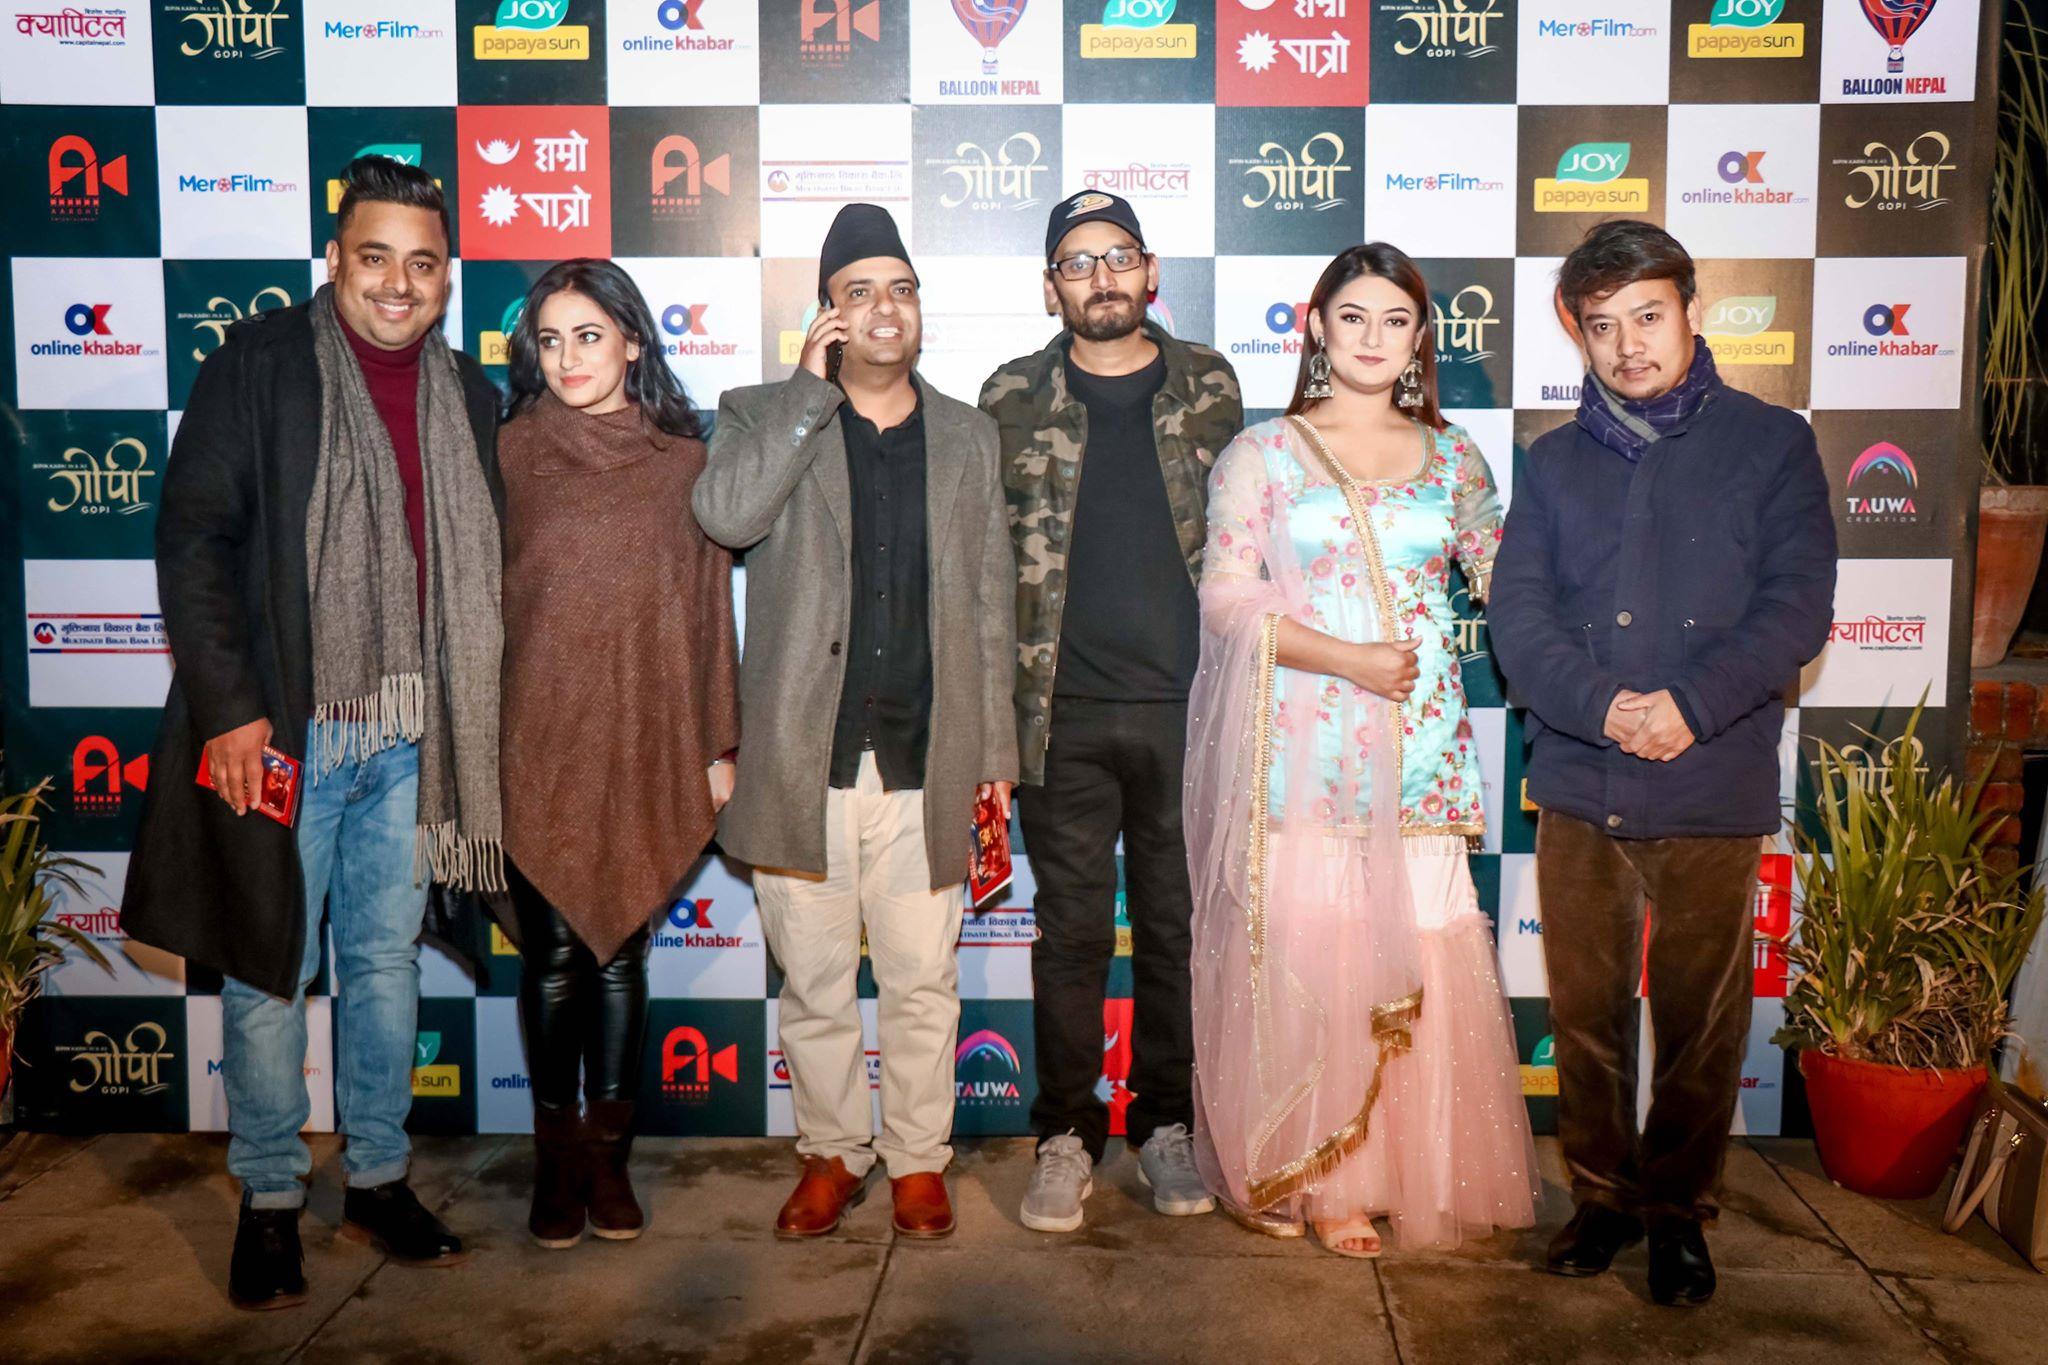 चलचित्र 'गोपी'को विशेष शोमा कलाकारदेखि नेतासम्मले दिए यस्तो प्रतिकृया